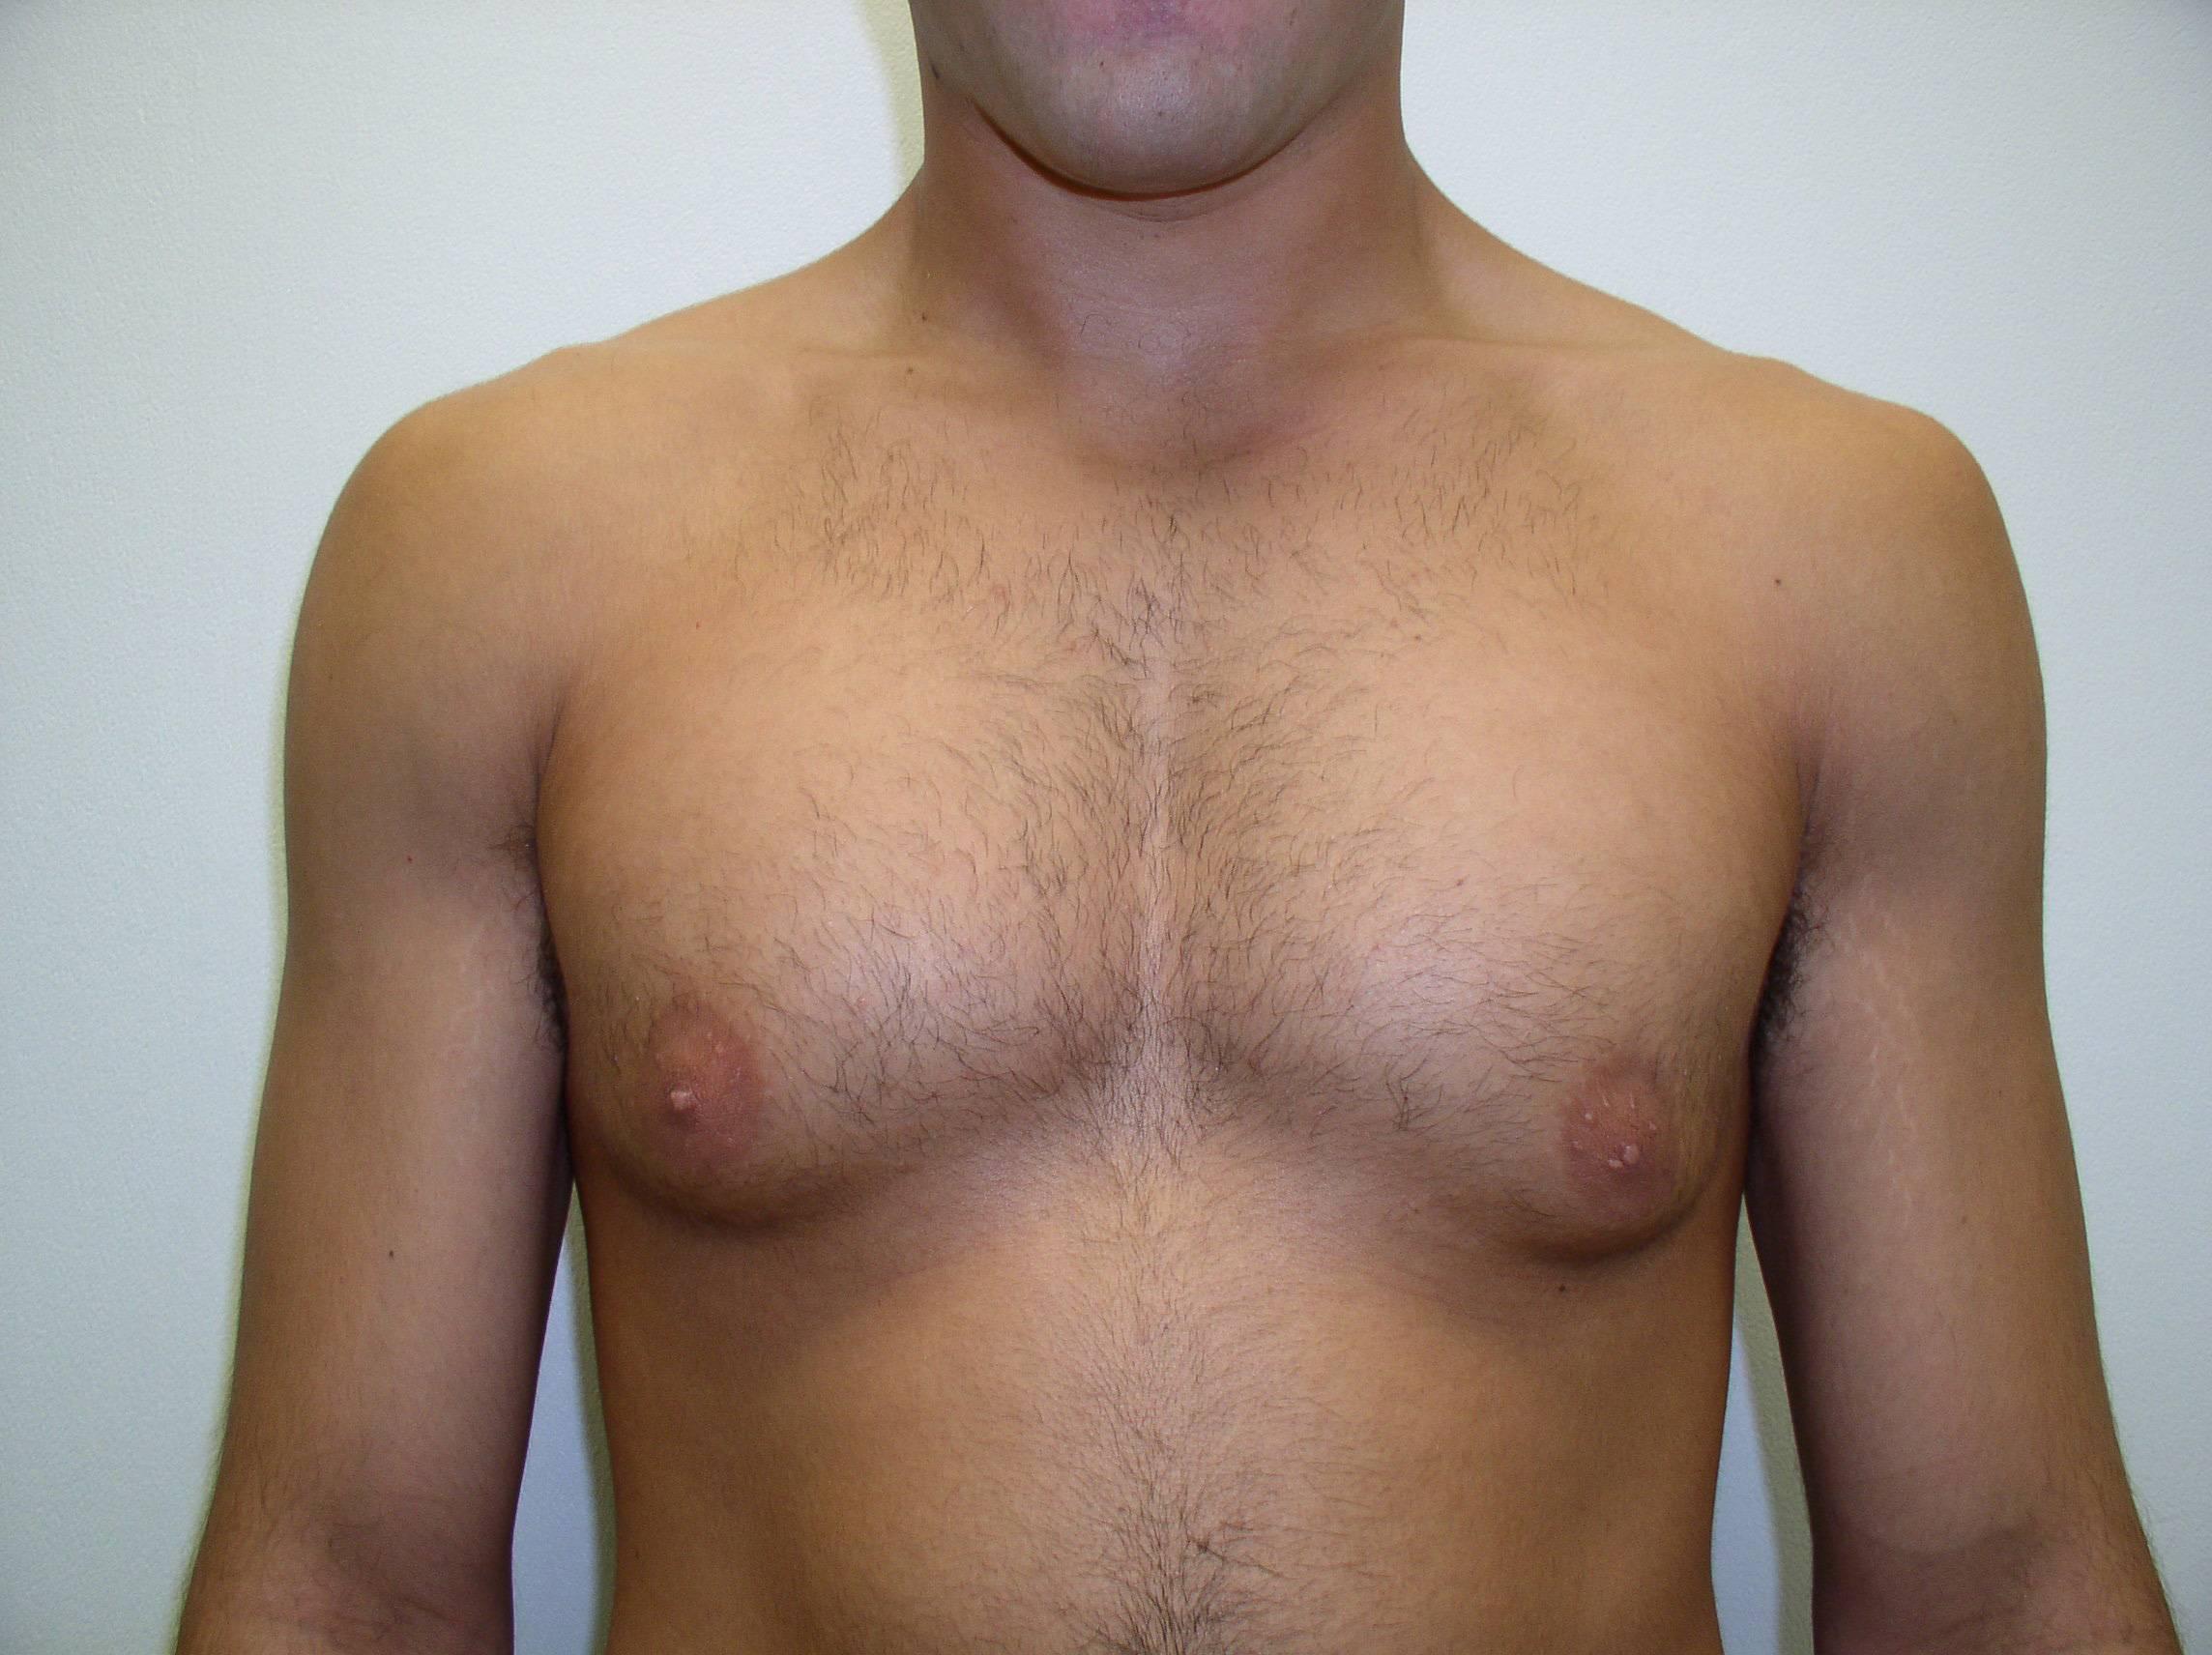 Гинекомастия у мужчин (истинная и ложная): причины и симптомы, лечение без операции, удаление, средства в домашних условиях + фото